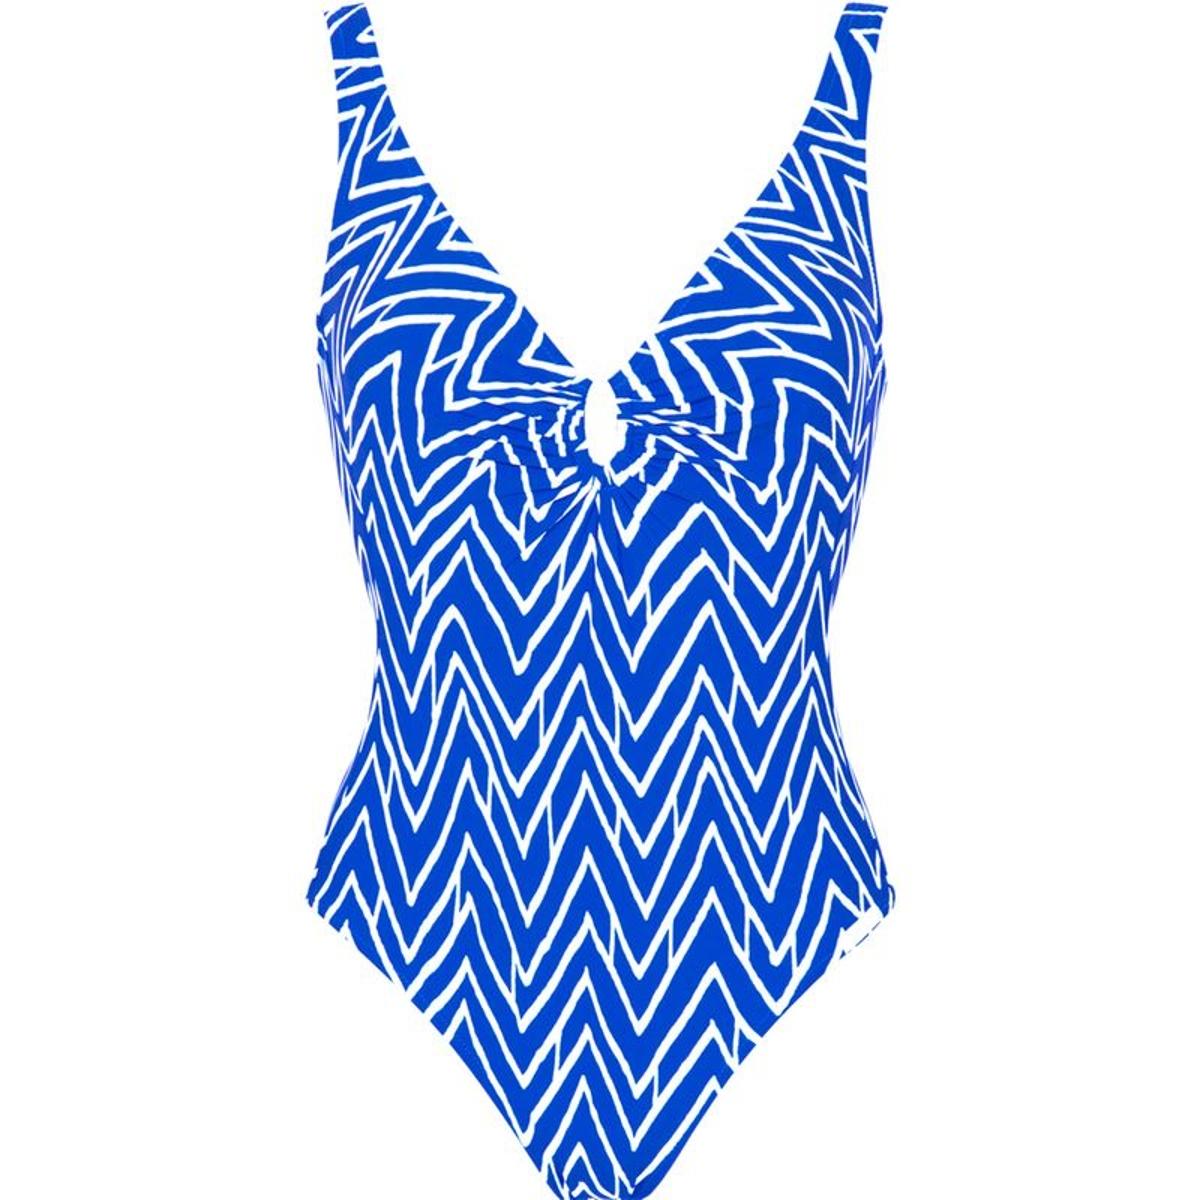 Maillot de bain une pièce Lidea SPORTY WAVES blue